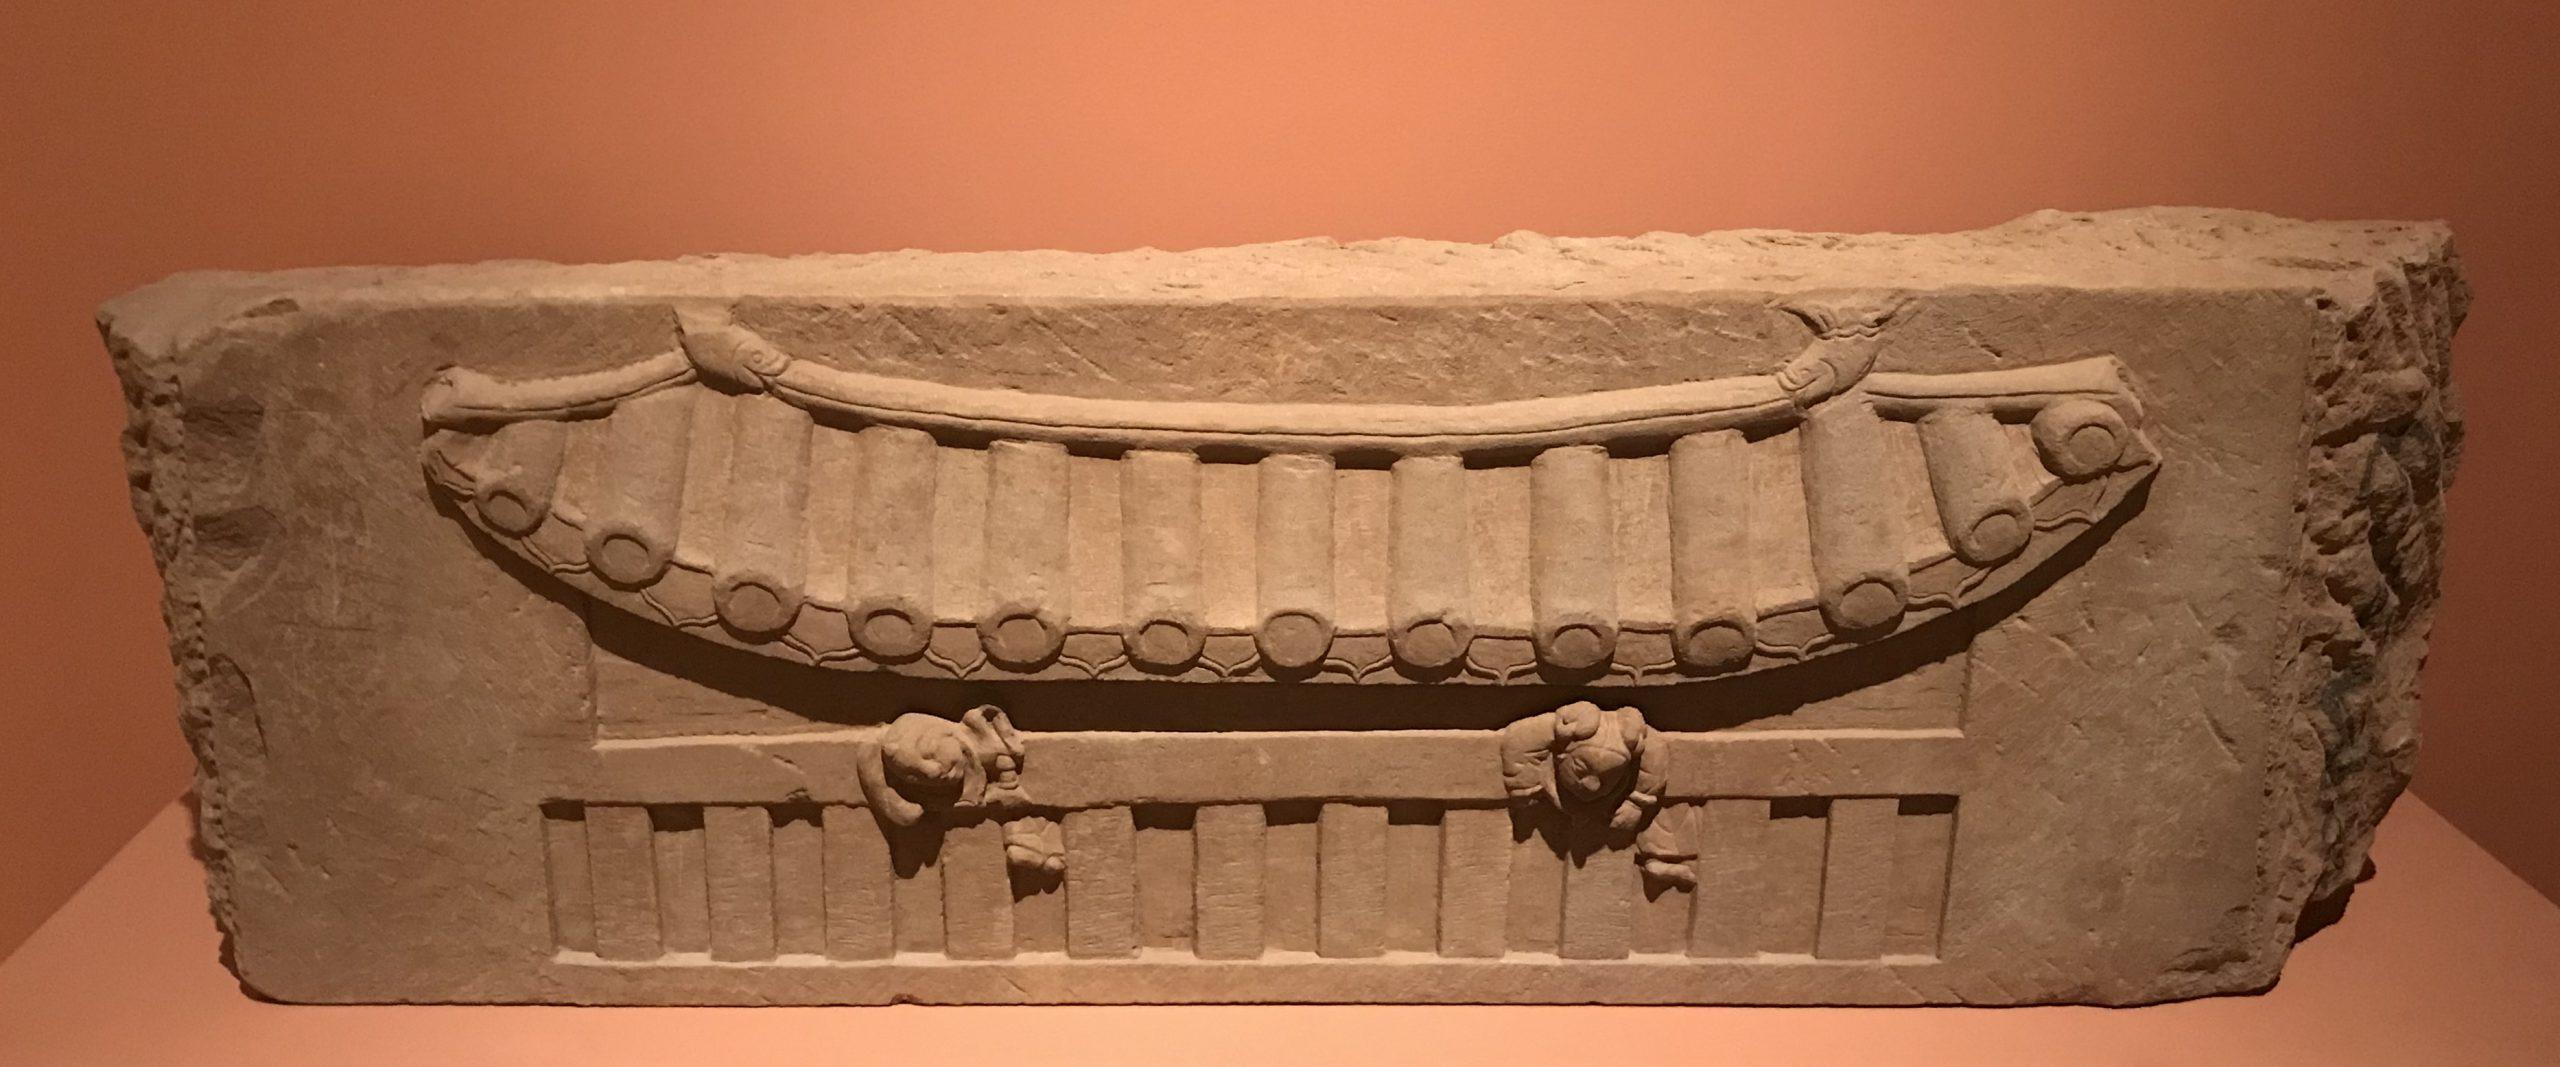 宋墓勾欄童子図-南宋-天下の大足-大足石刻の発見と継承-金沙遺跡博物館-成都